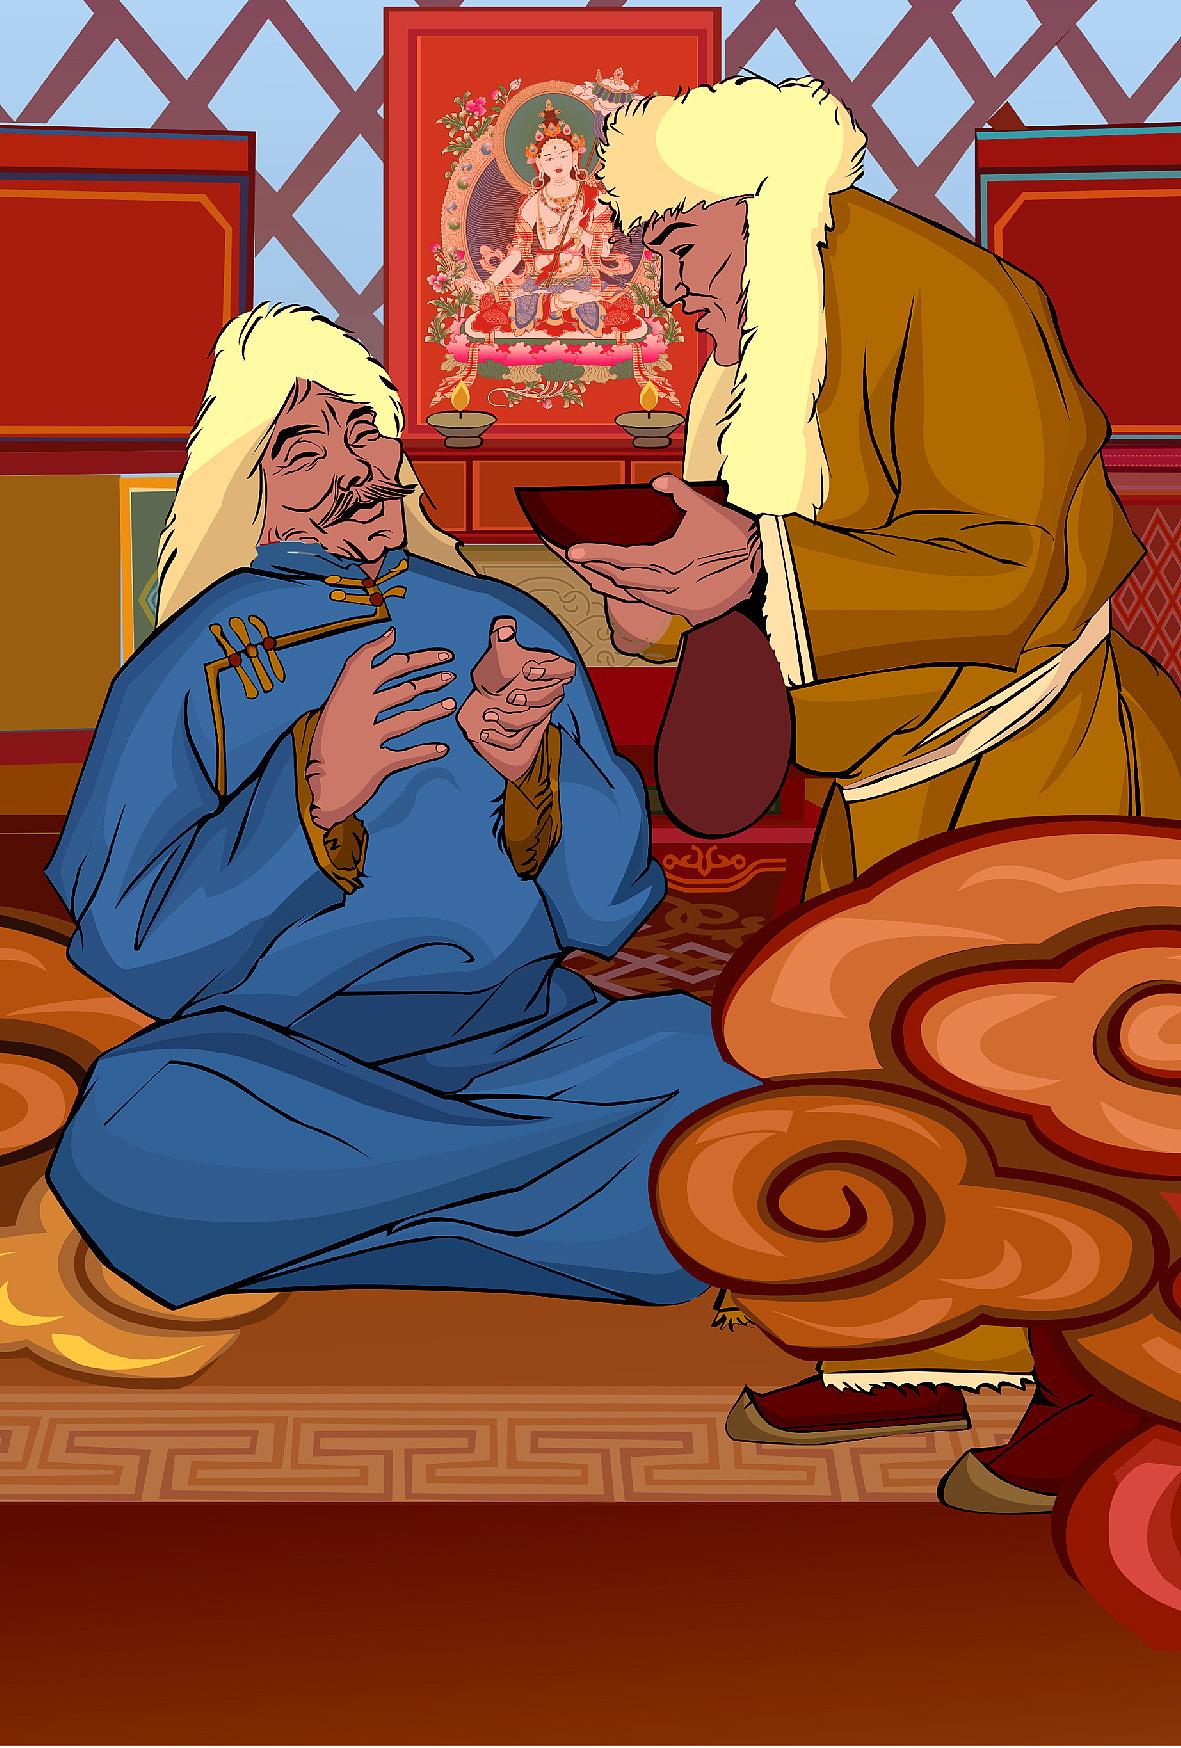 蒙古族小插画 第5张